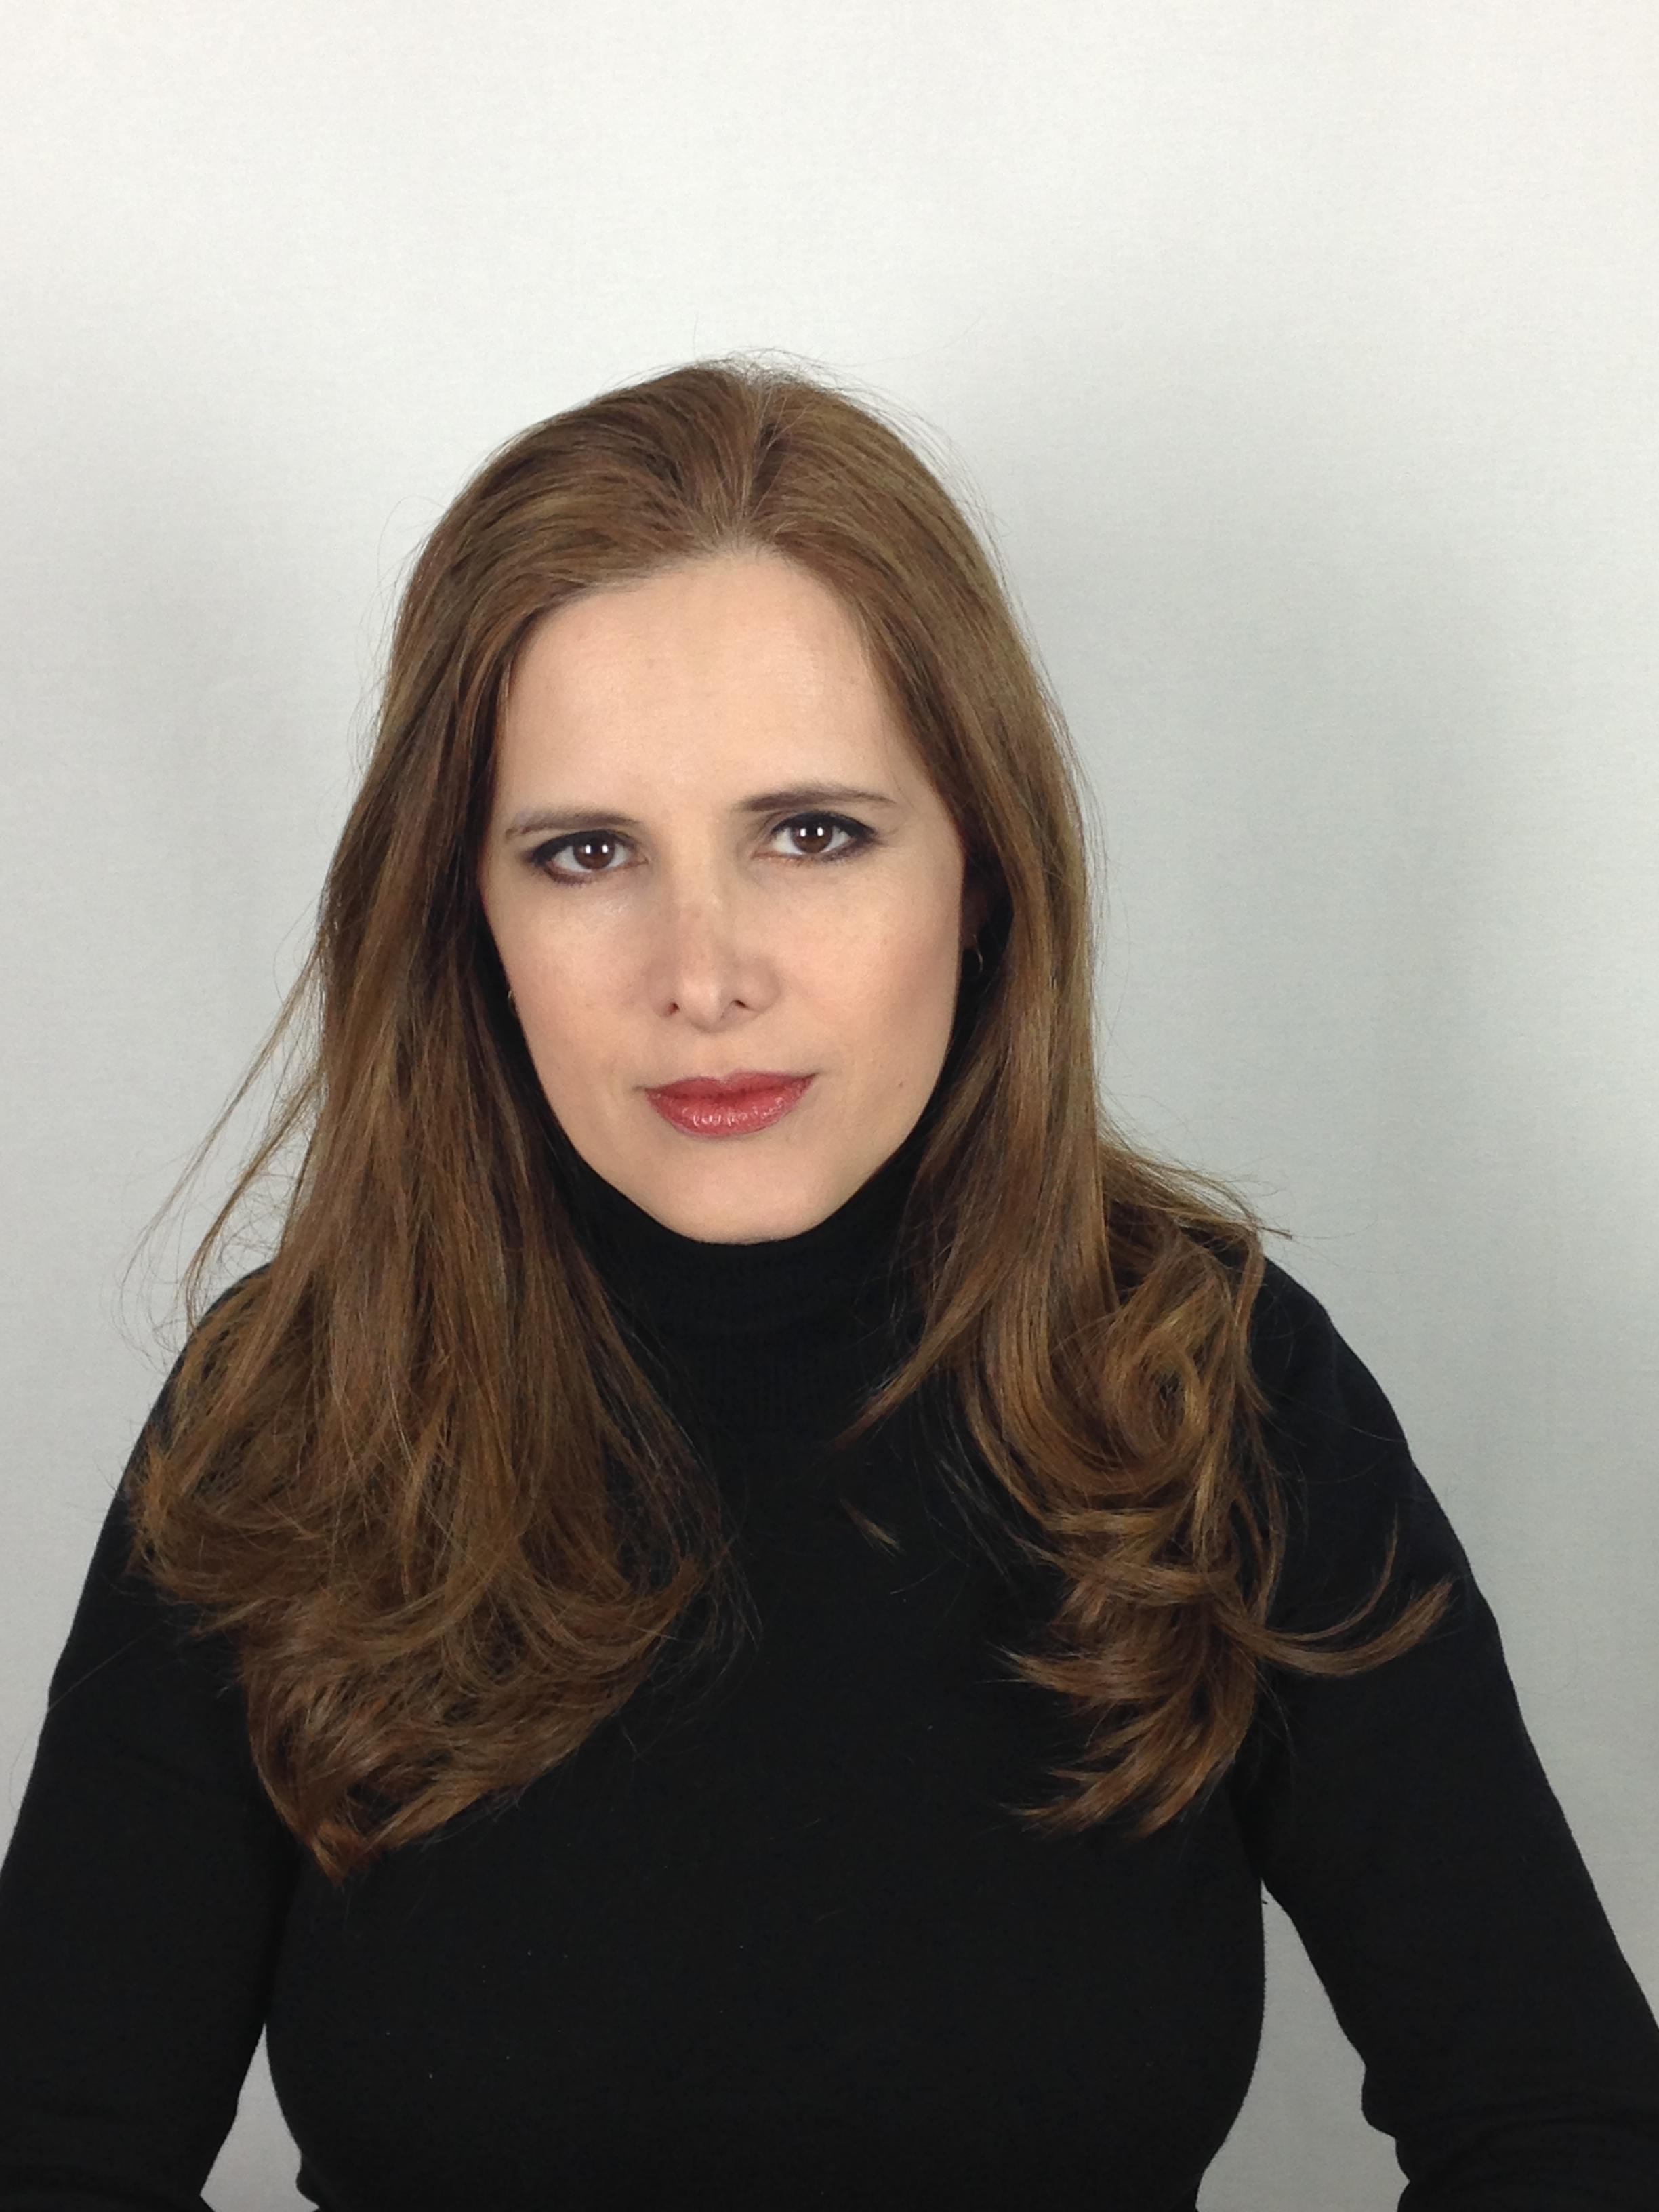 Entrevista a Elisa Guerra, experta en desarrollo infantil